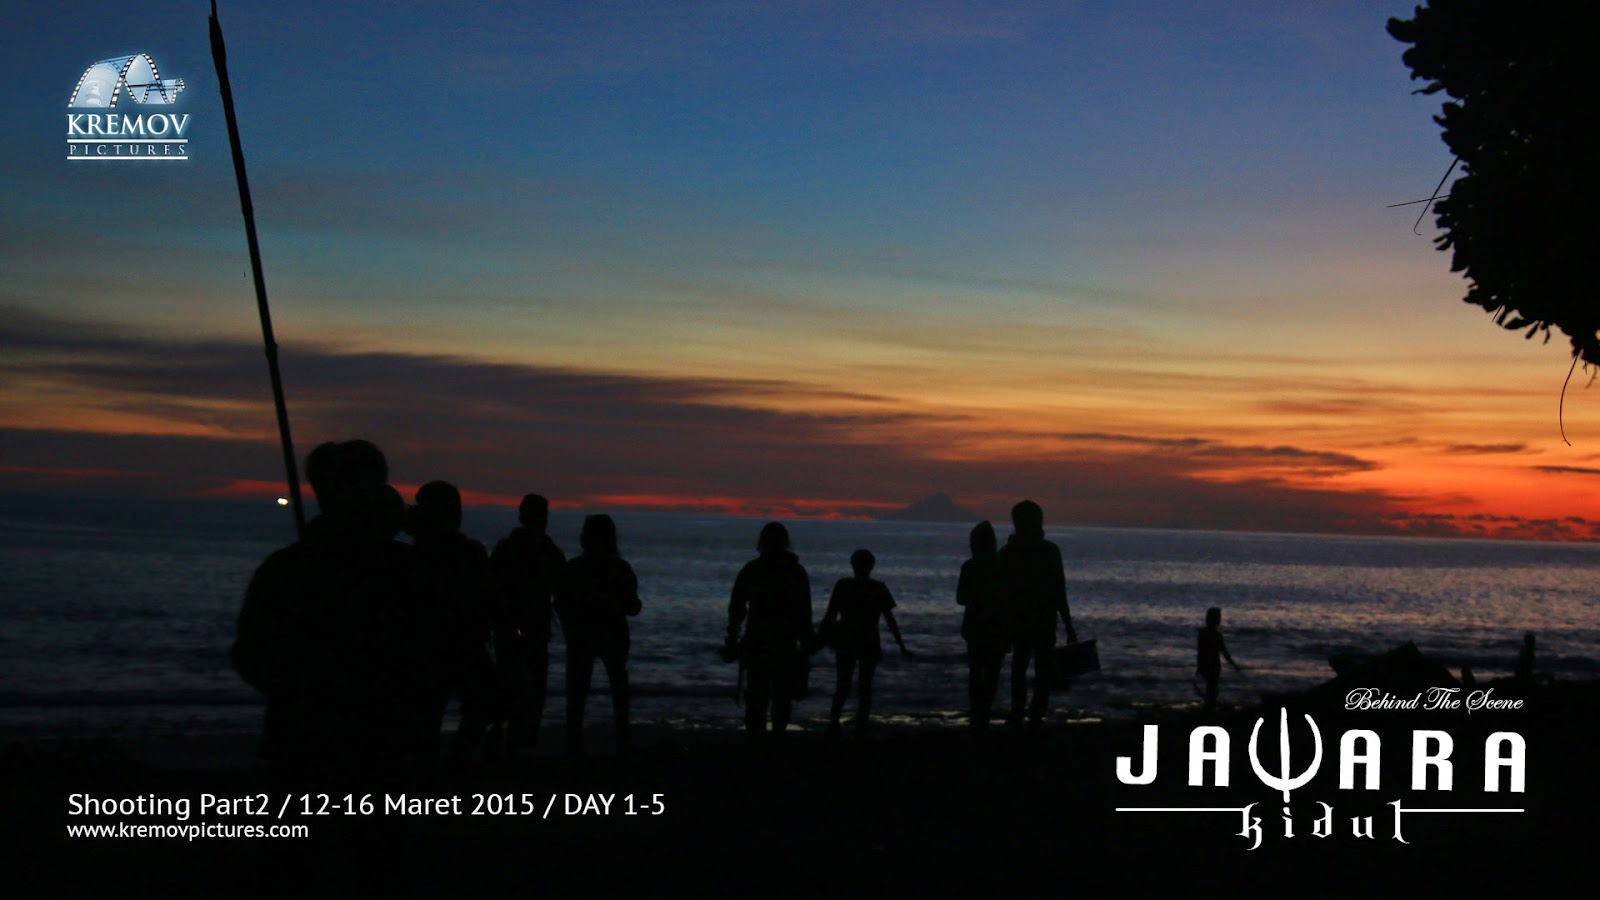 Kisah Shooting Jawara Kidul - PART2